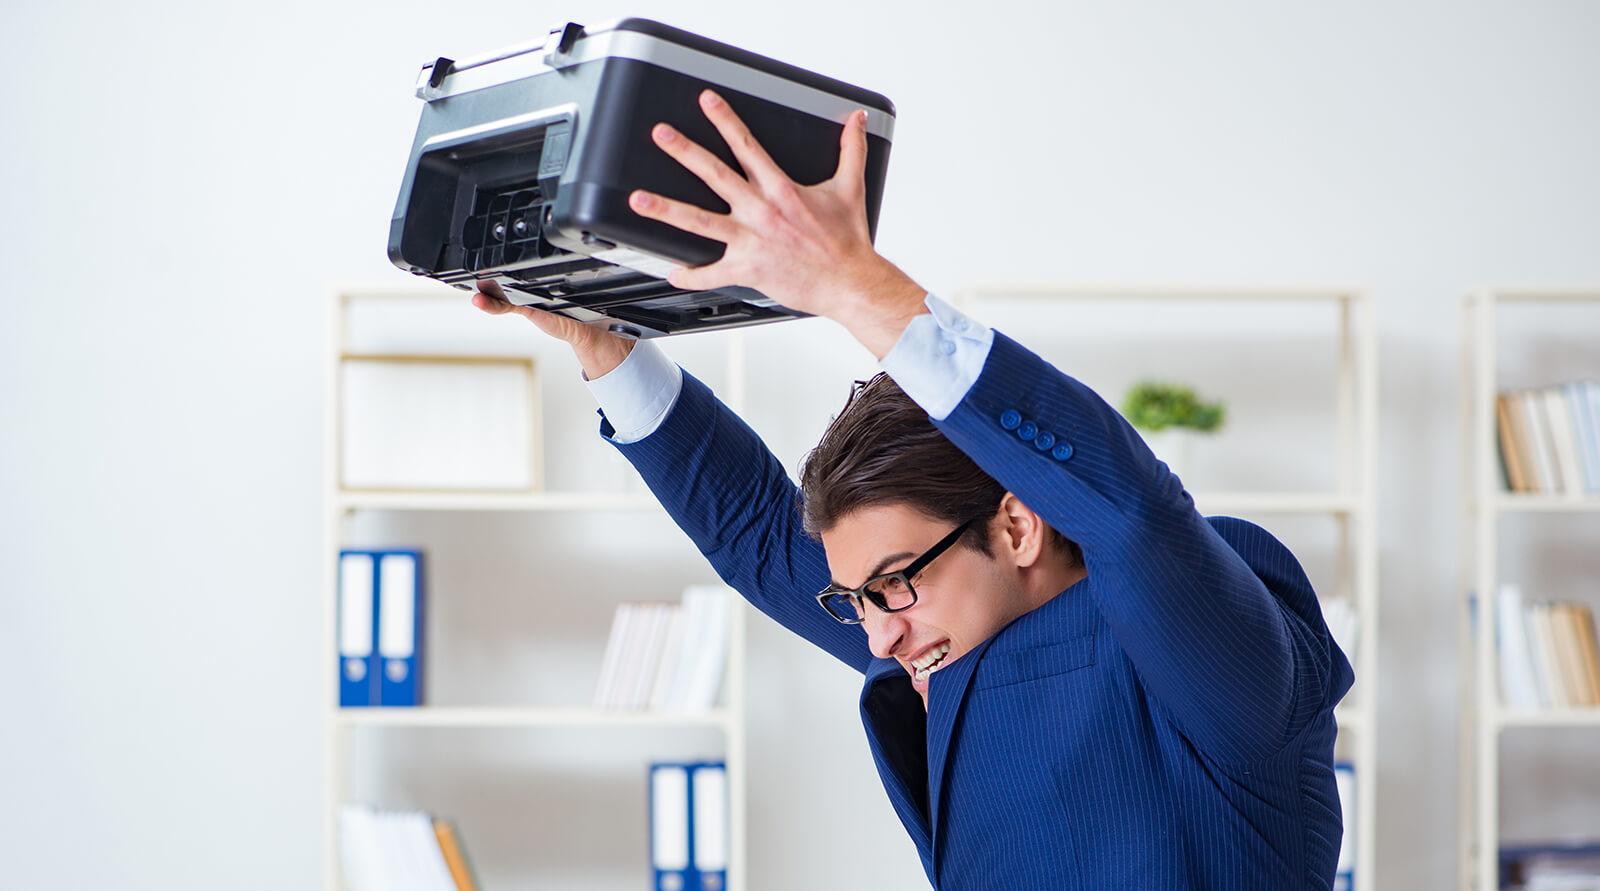 Mann mit Drucker in den Händen im Büro